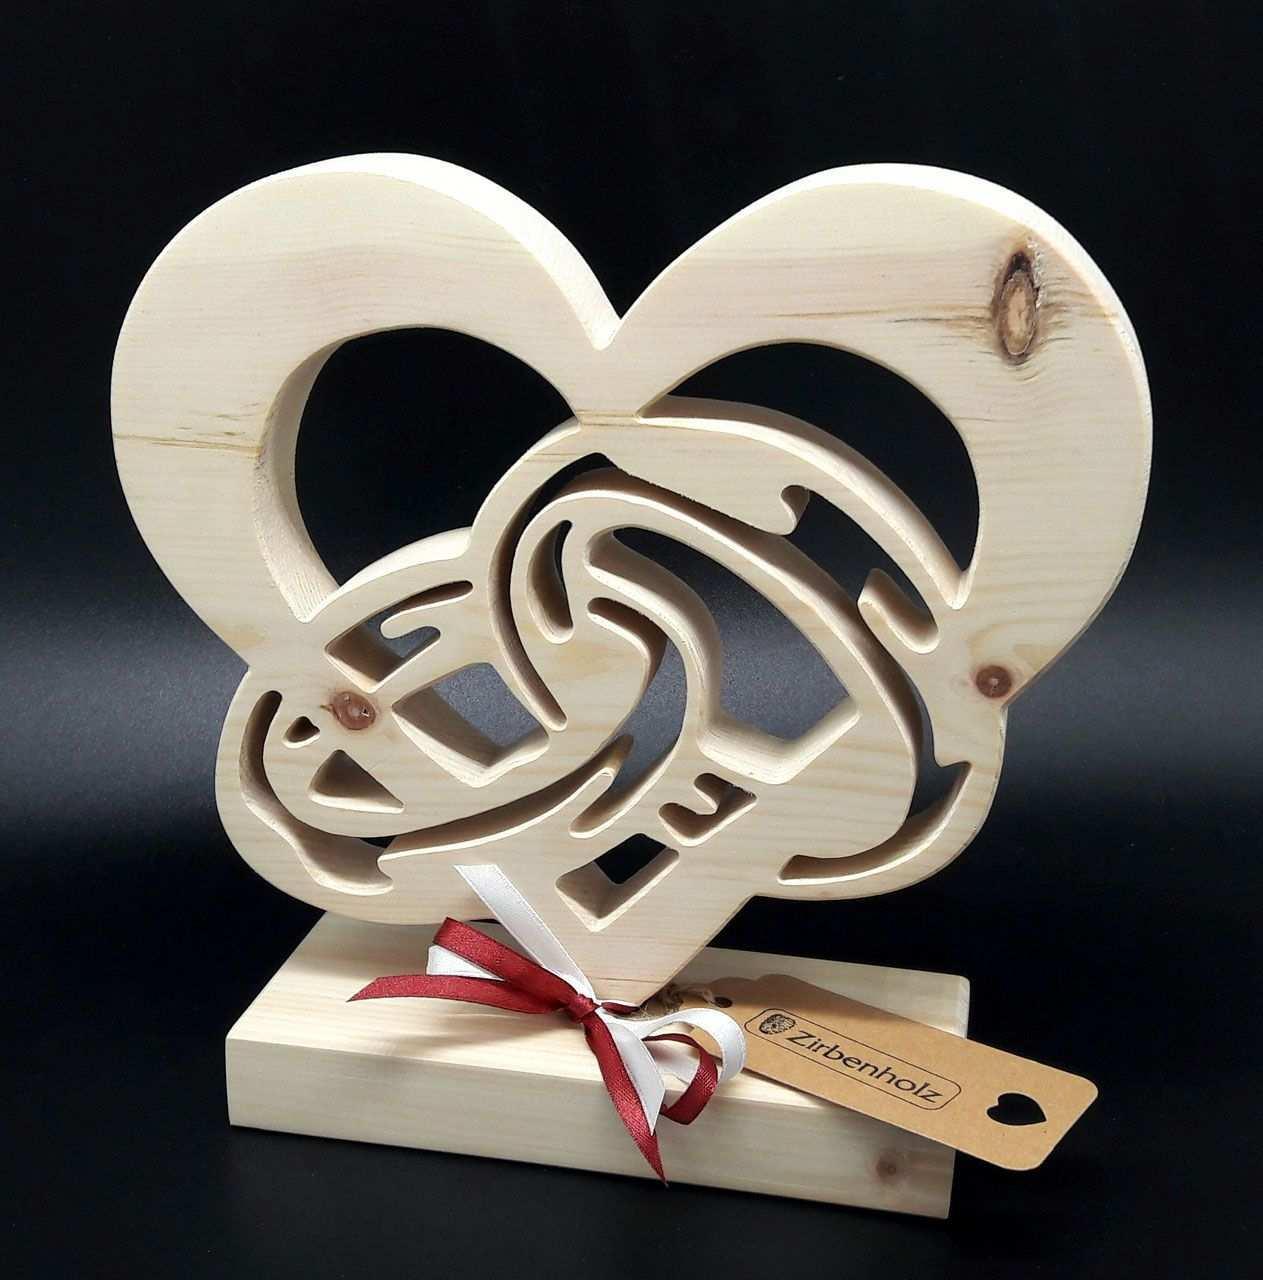 Geschenkideen Zur Hochzeit Hochzeitsgeschenke Aus Holz Geschenke Aus Holz Originelle Hochzeitsgeschenke Hochzeitsgeschenke Holz